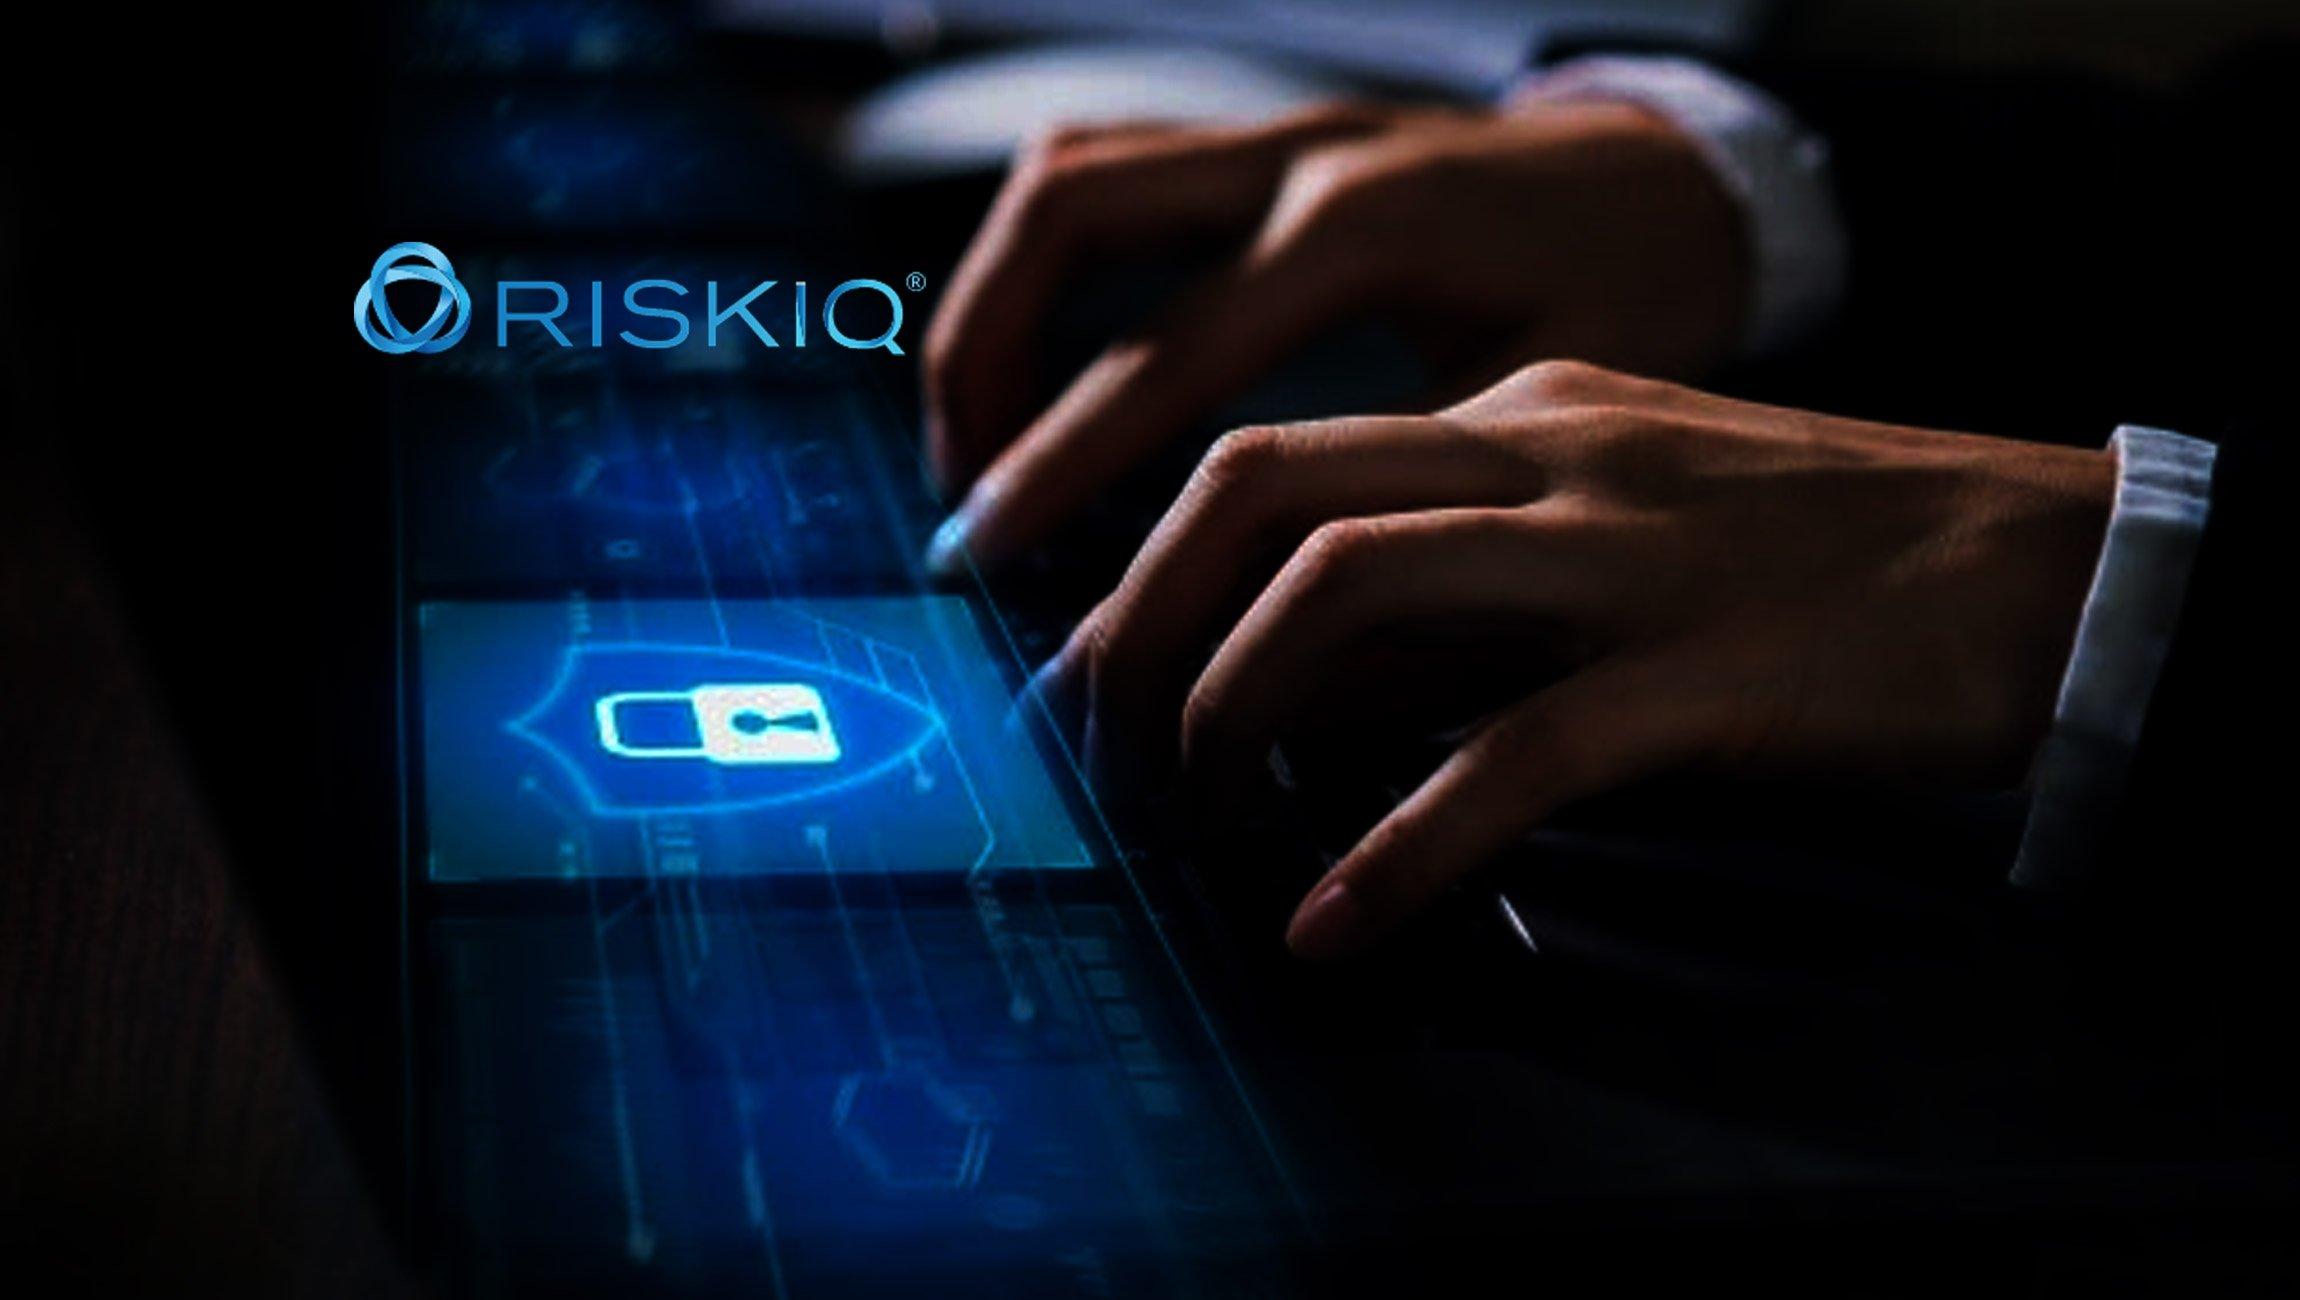 RiskIQ